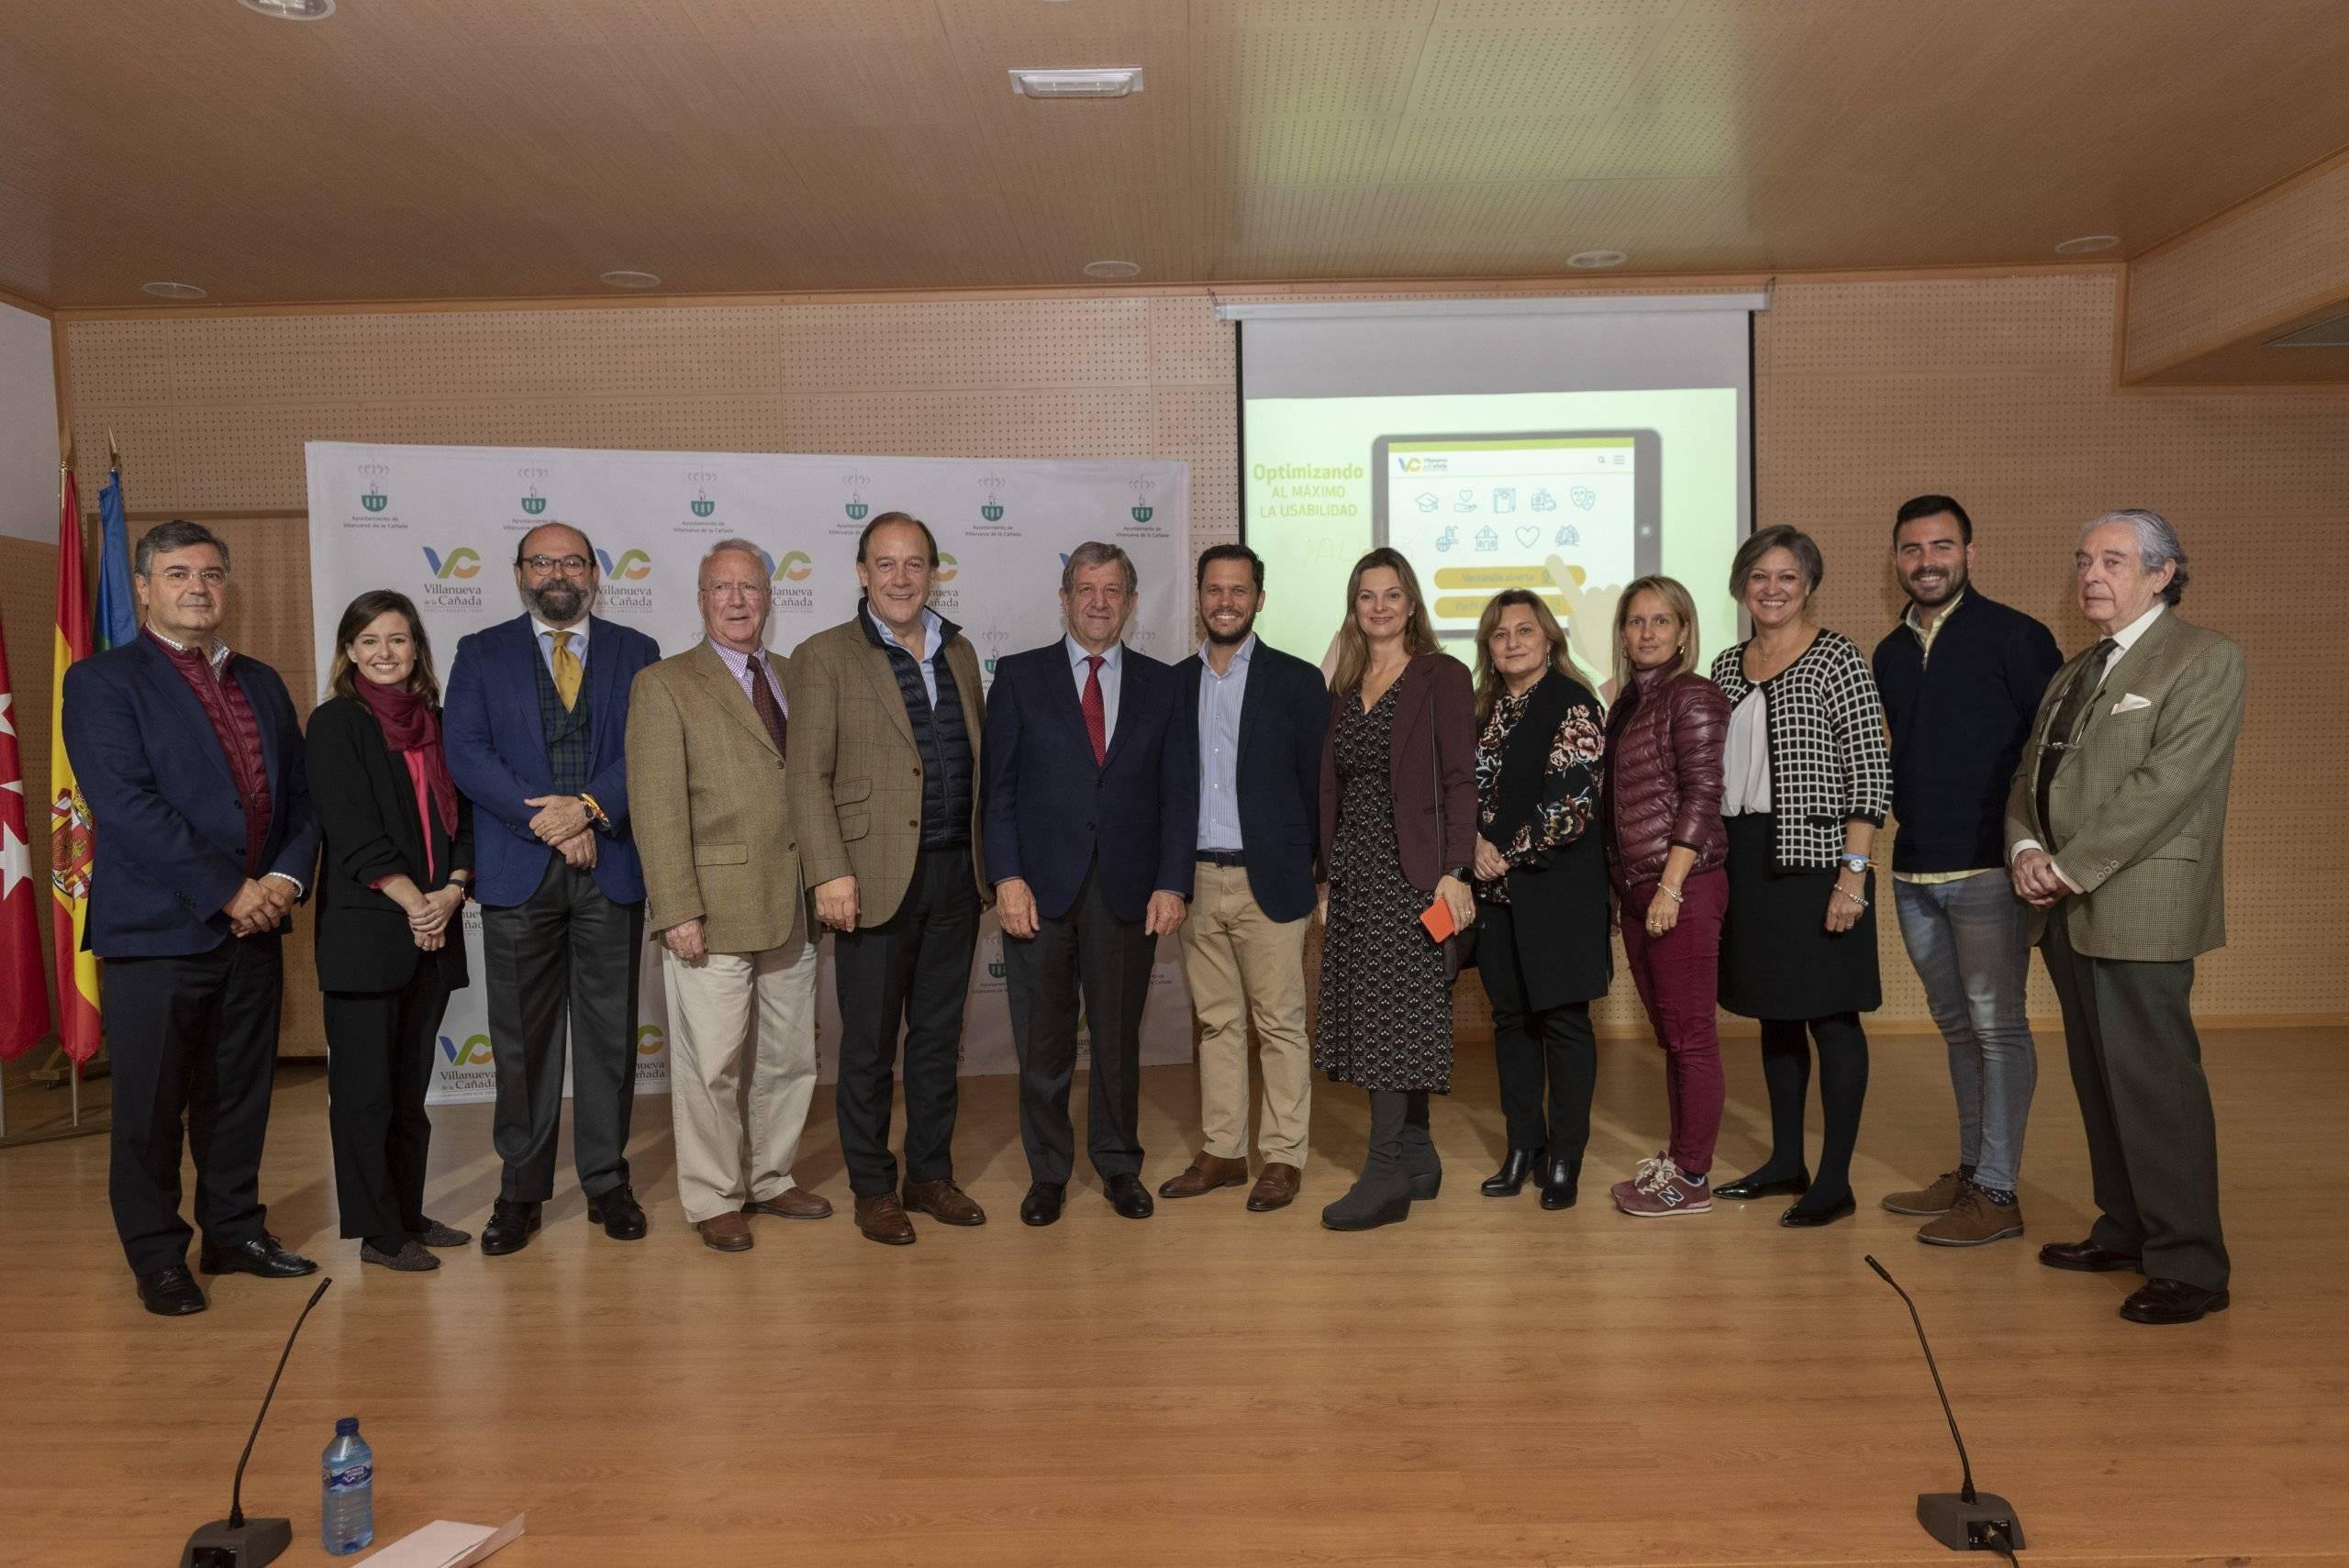 Foto de familia del alcalde junto a concejales.